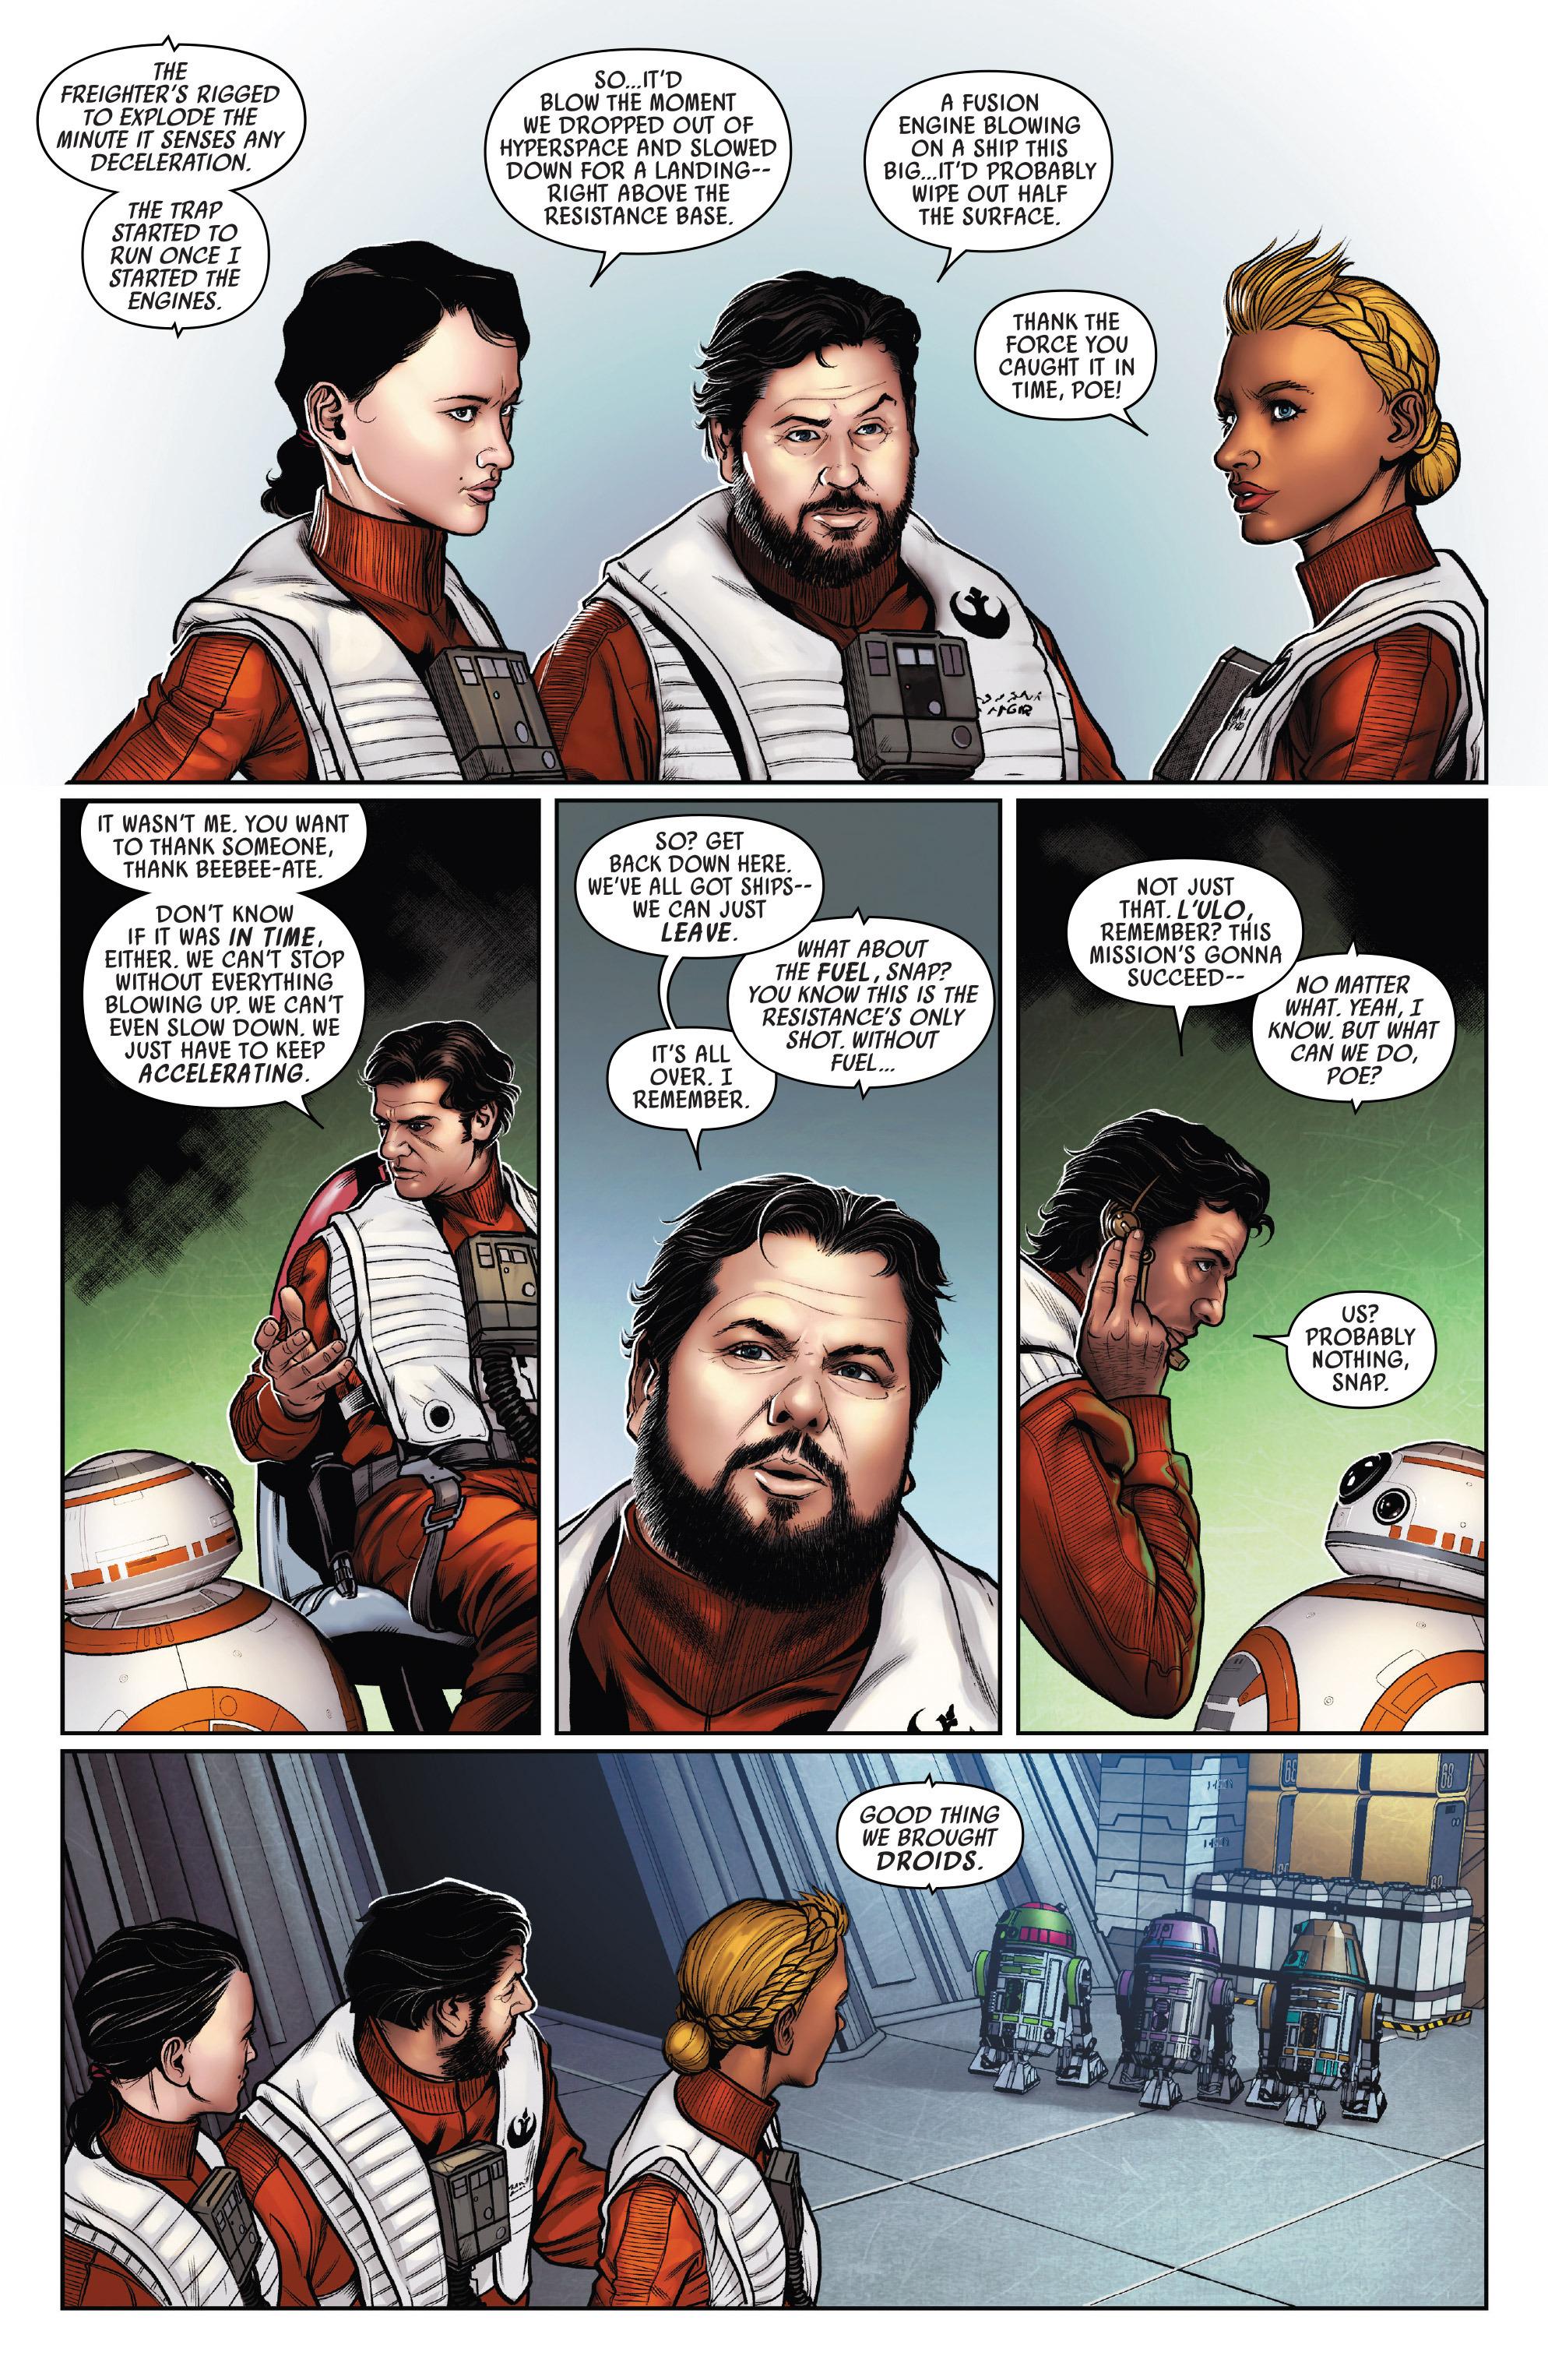 Read online Star Wars: Poe Dameron comic -  Issue #15 - 16